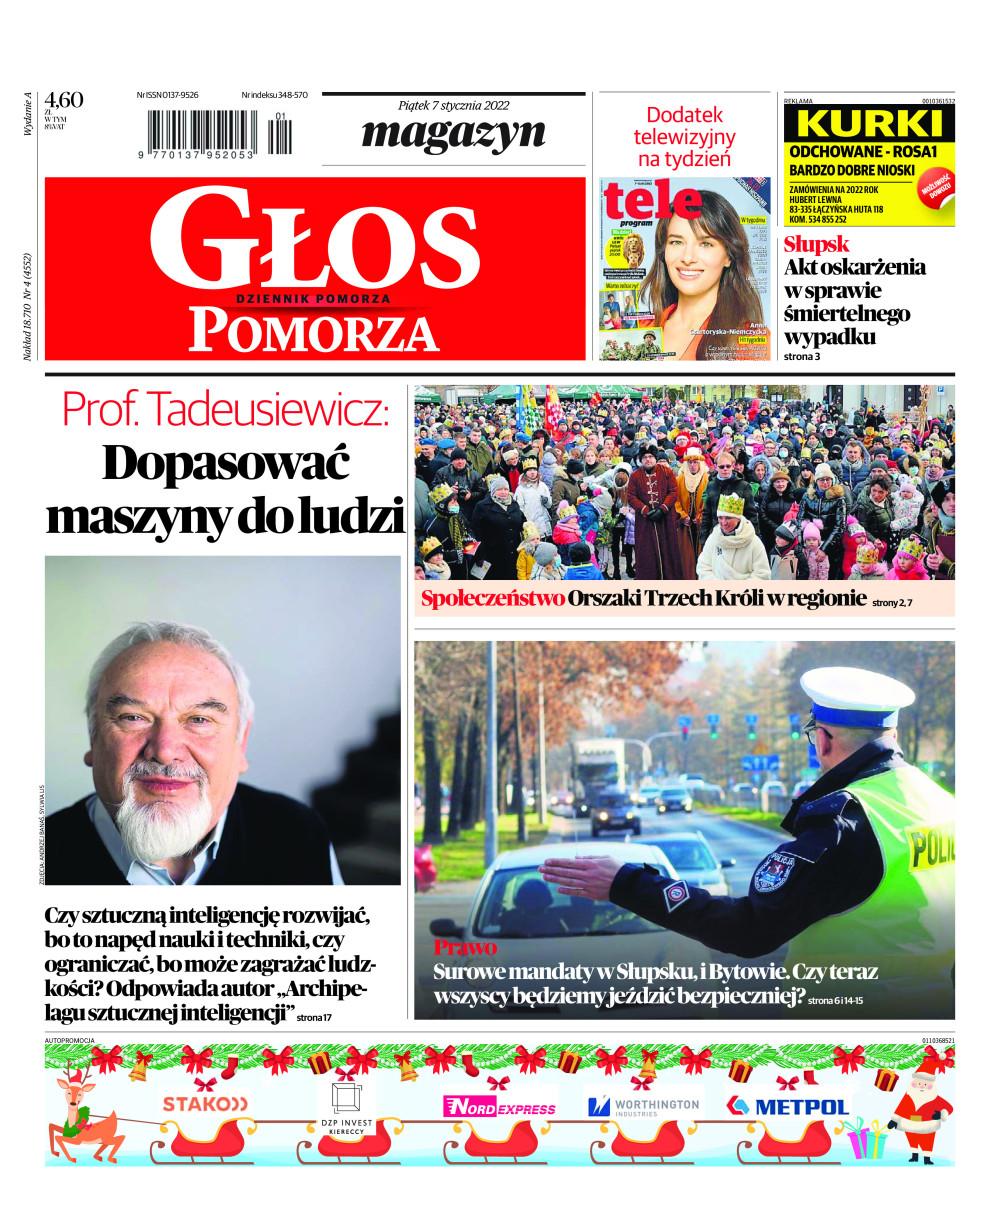 Głos - Dziennik Pomorza - Głos Pomorza - e-wydanie